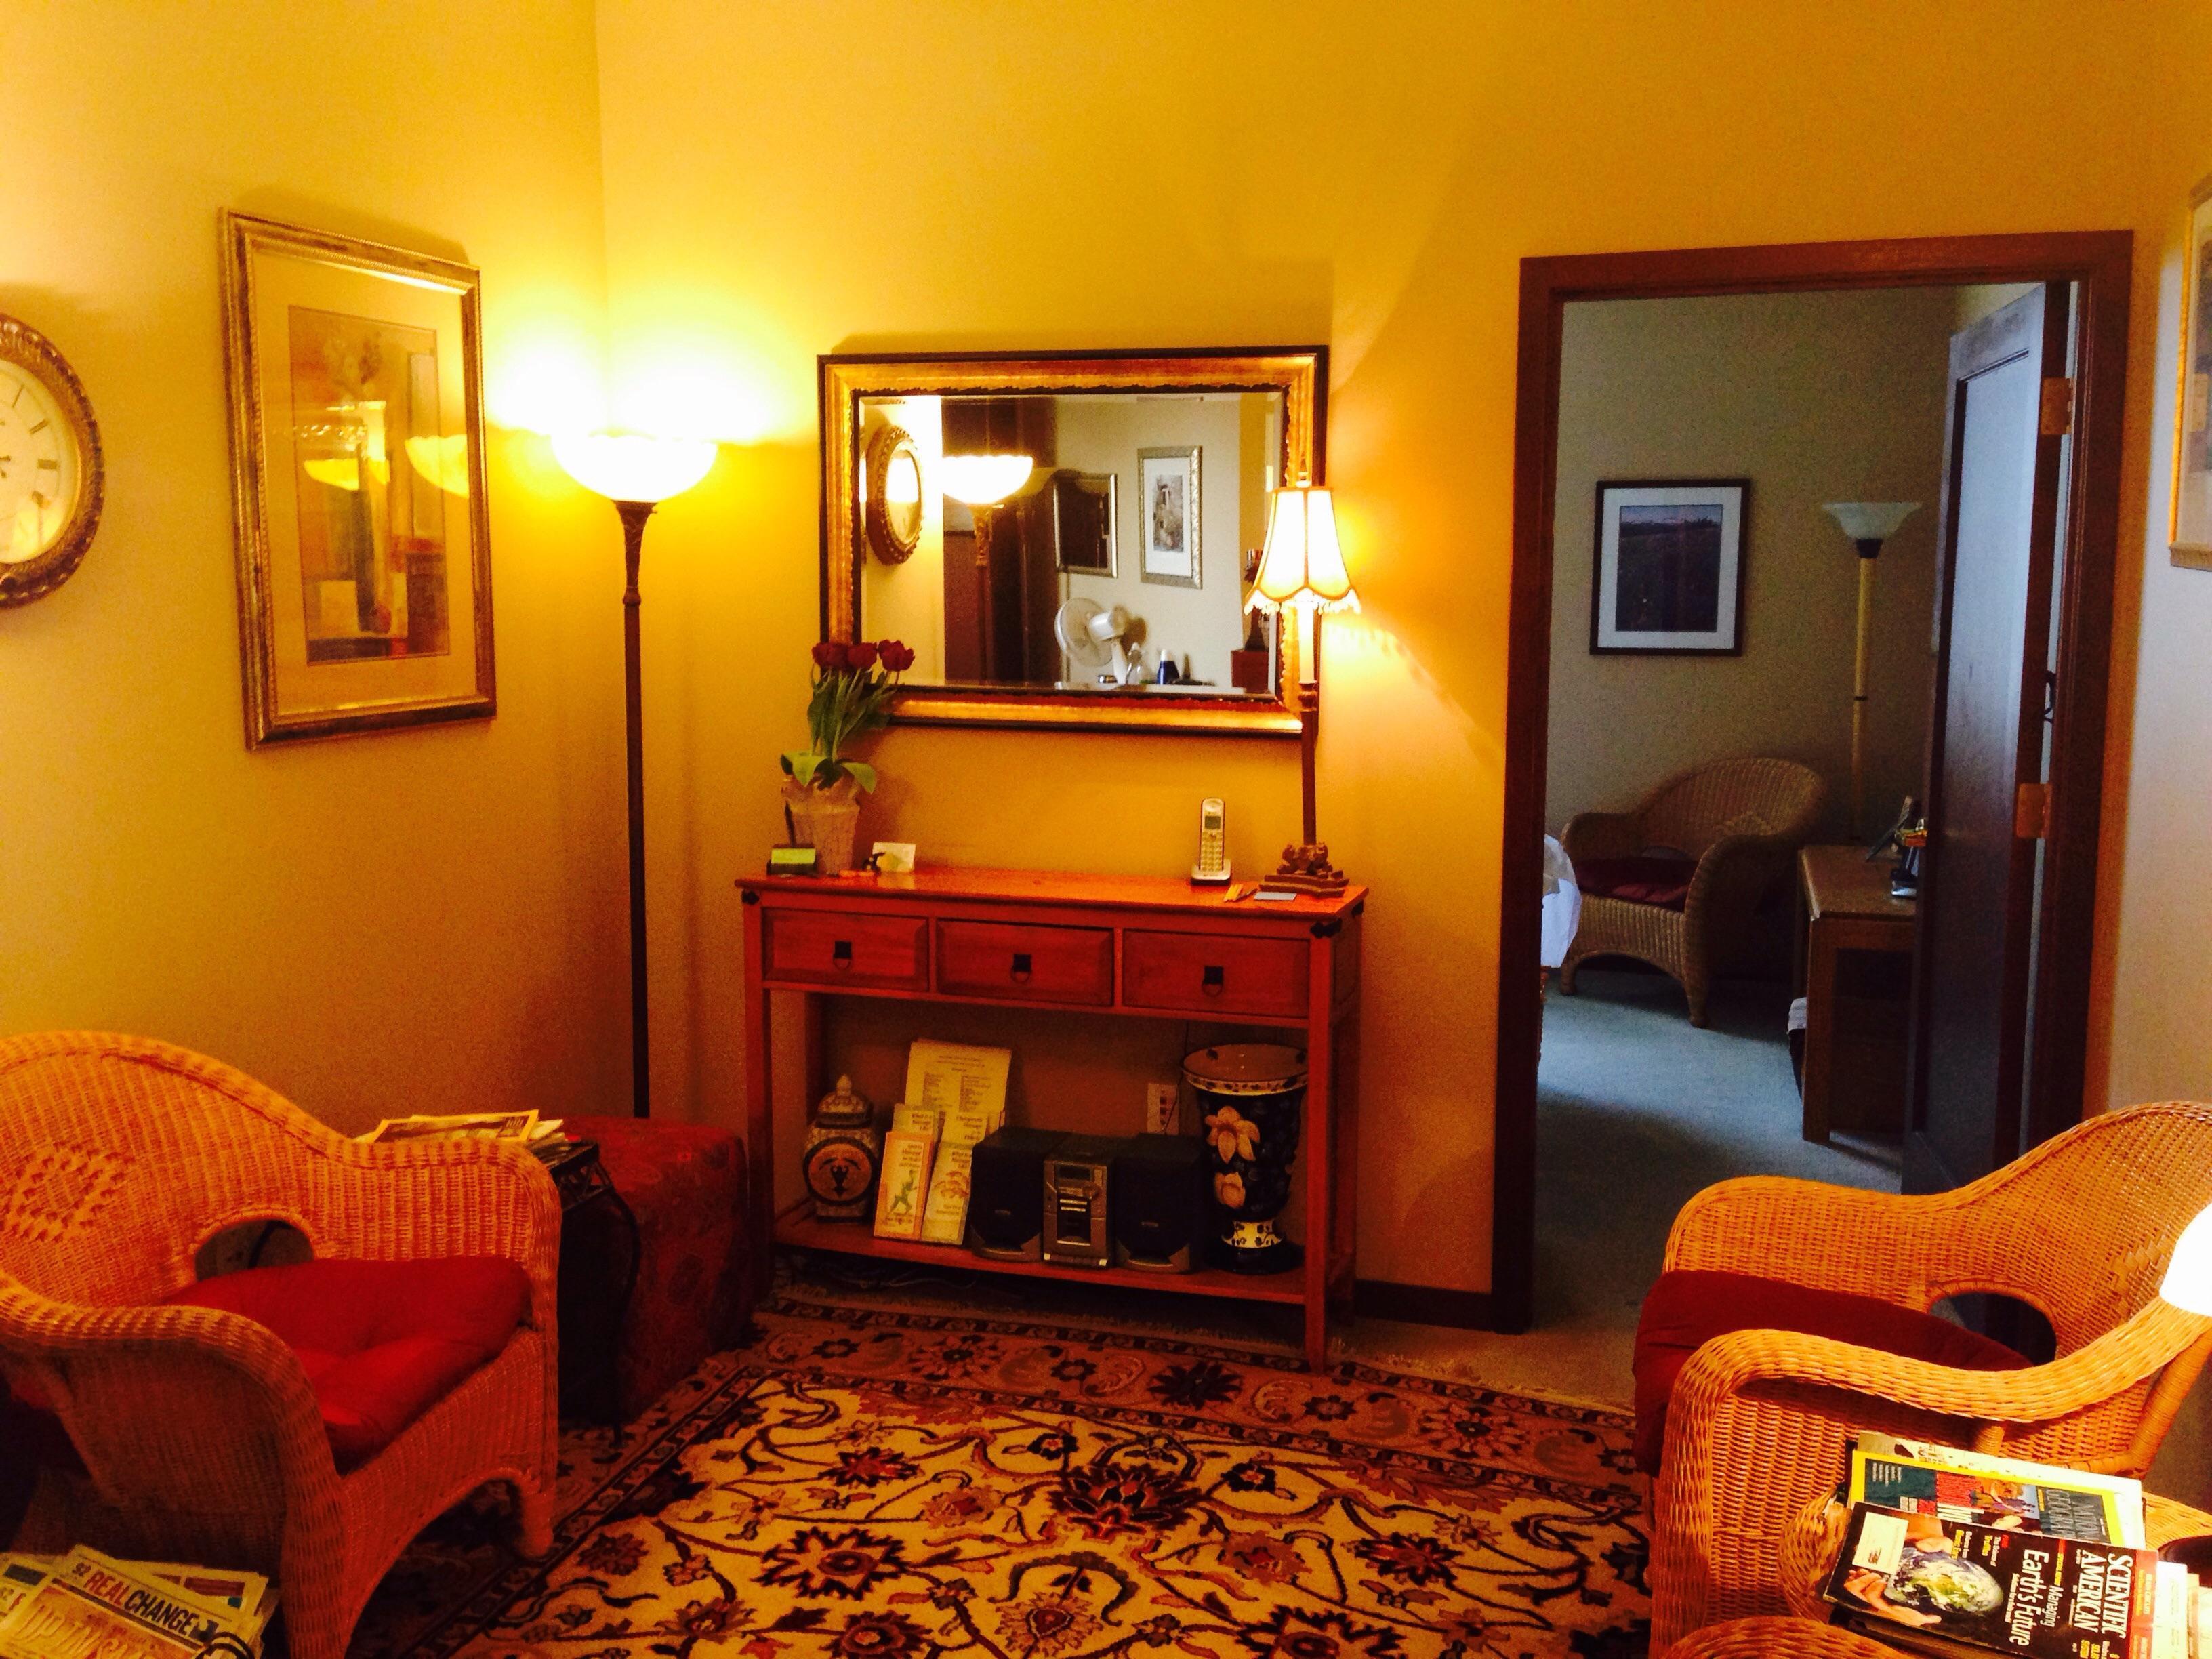 Myo-Rehab massage terapi kuponer i nærheden af mig i Kirkland-5003